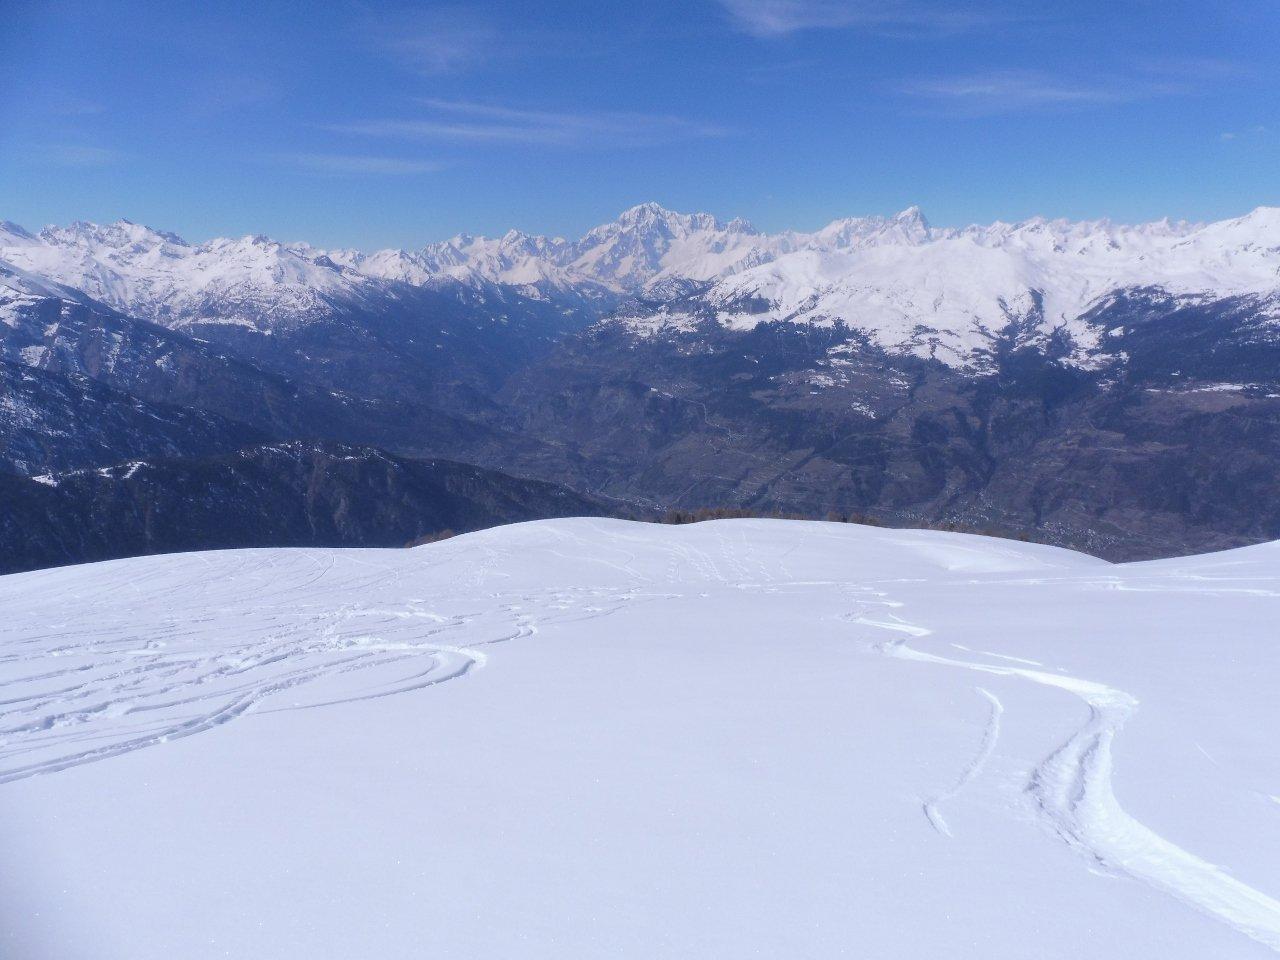 03 - giornata dal panorama sensazionale, Monte Bianco davanti. Gli spazi vergini si trovano ancora